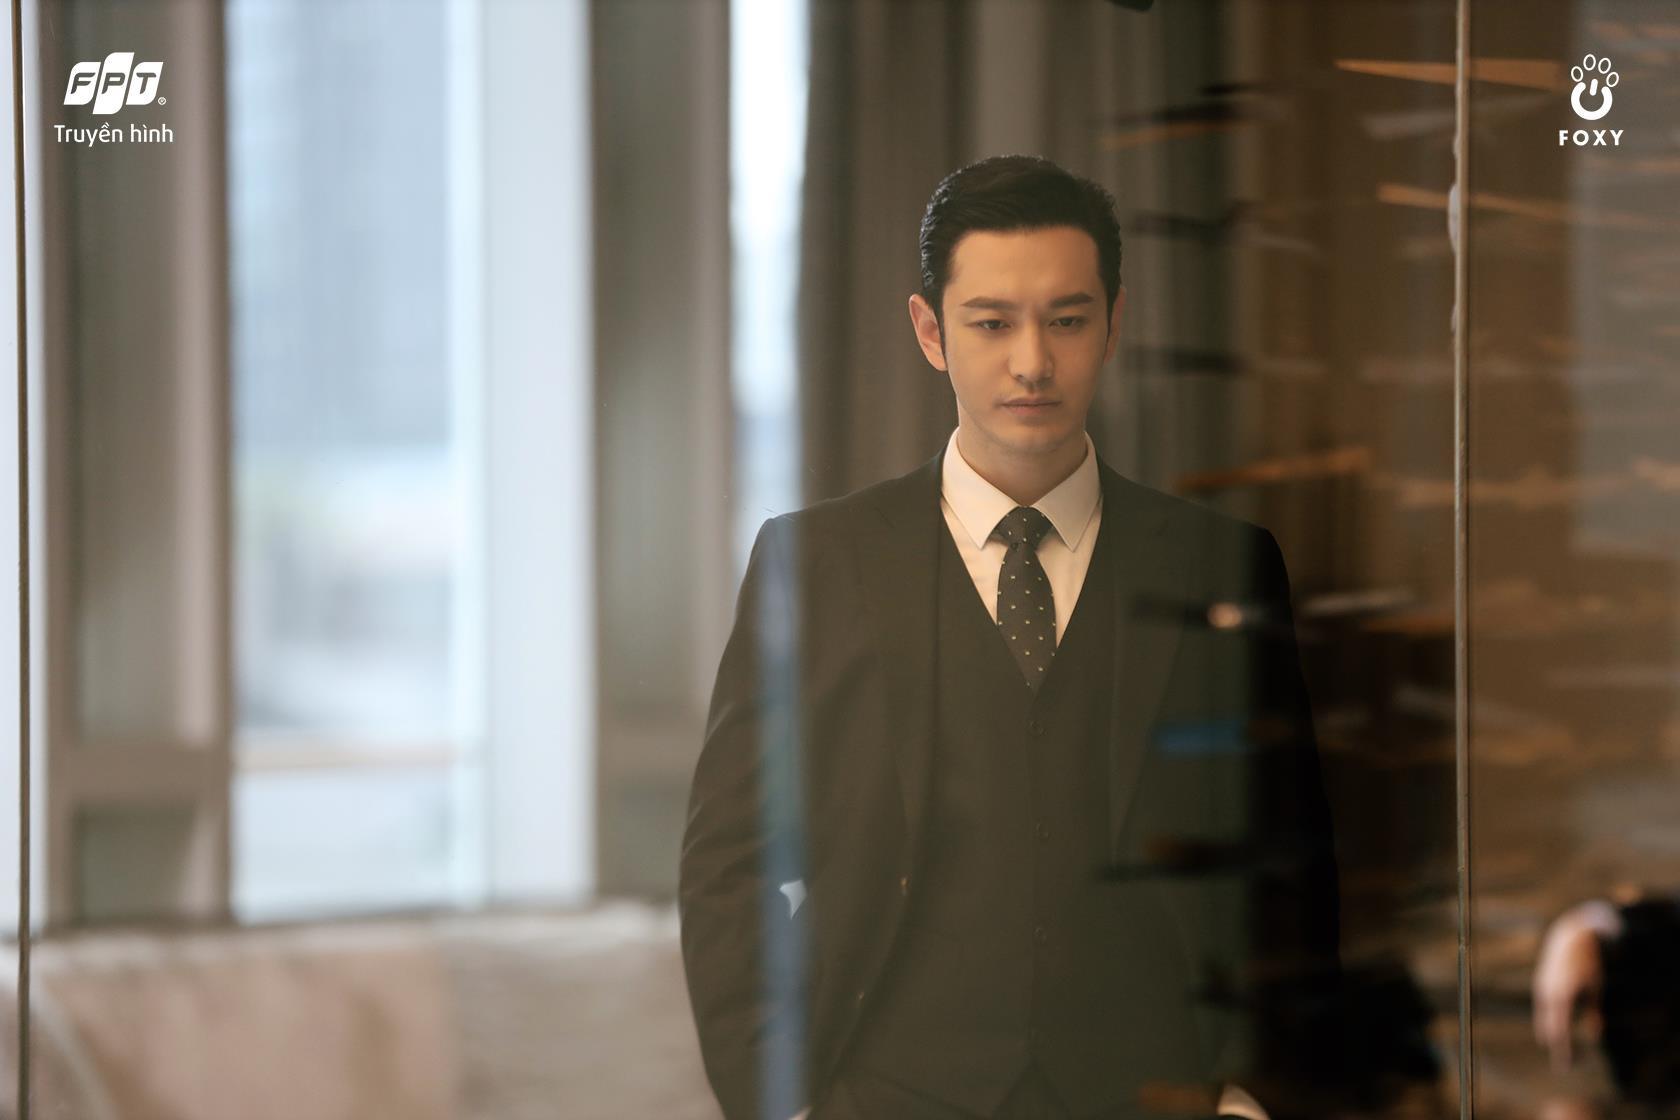 Tái ngộ Huỳnh Hiểu Minh trong bộ phim Lật Kèo ra mắt trên Truyền hình FPT - Ảnh 2.